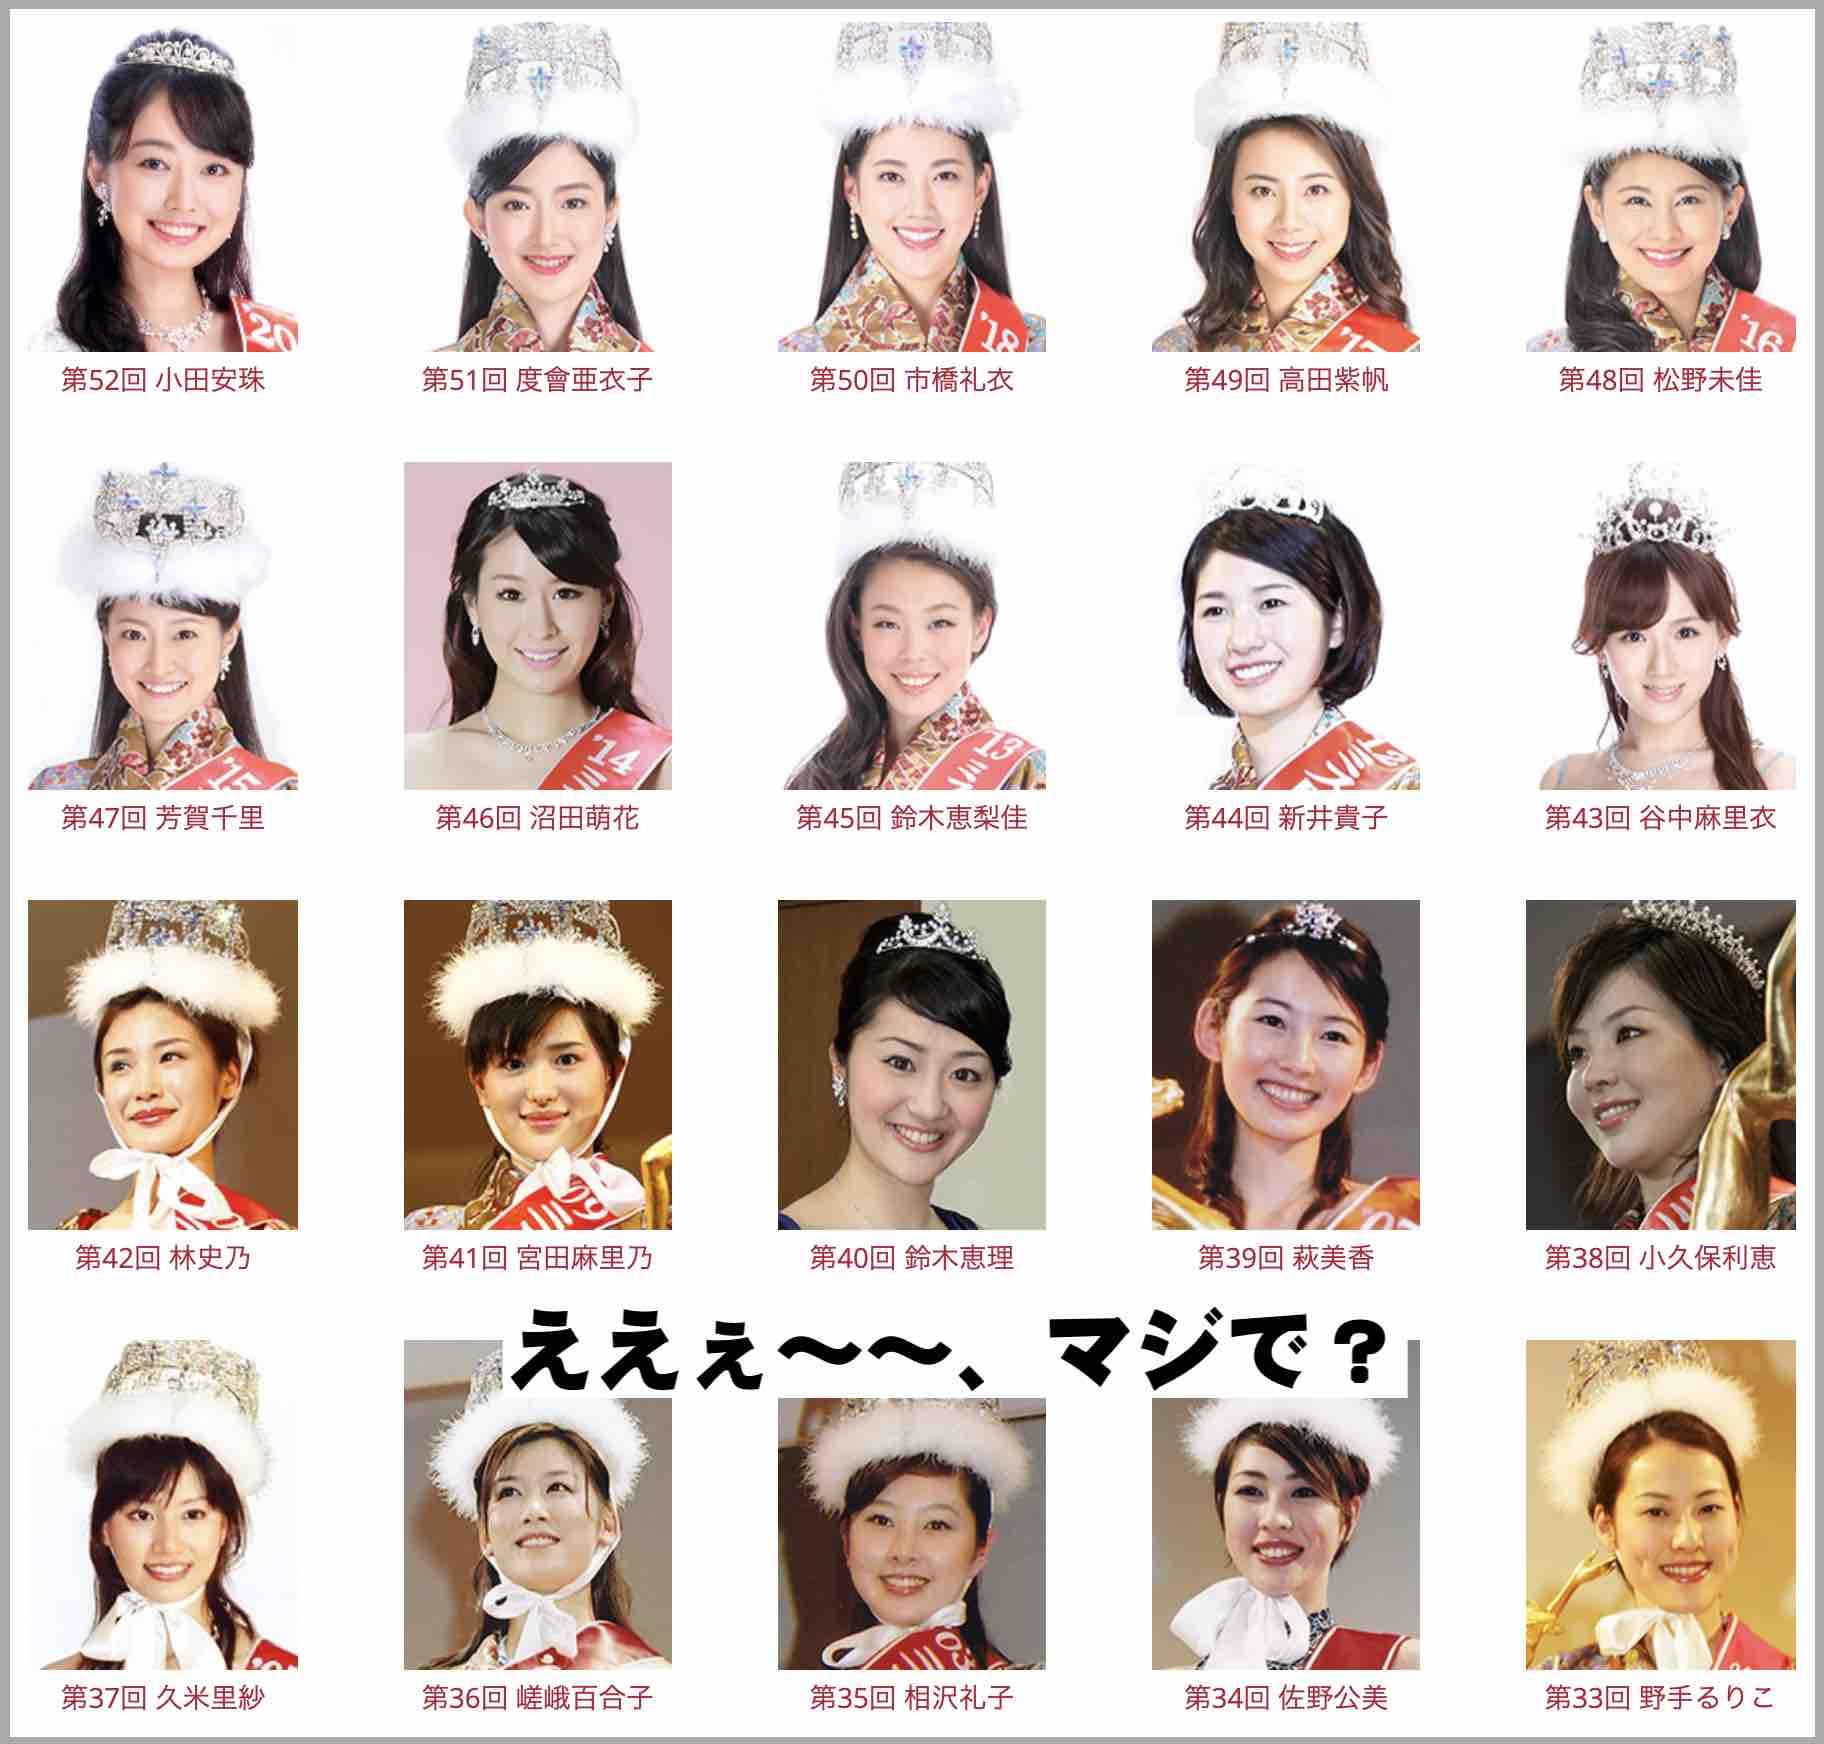 ミス日本の歴代グランプリ